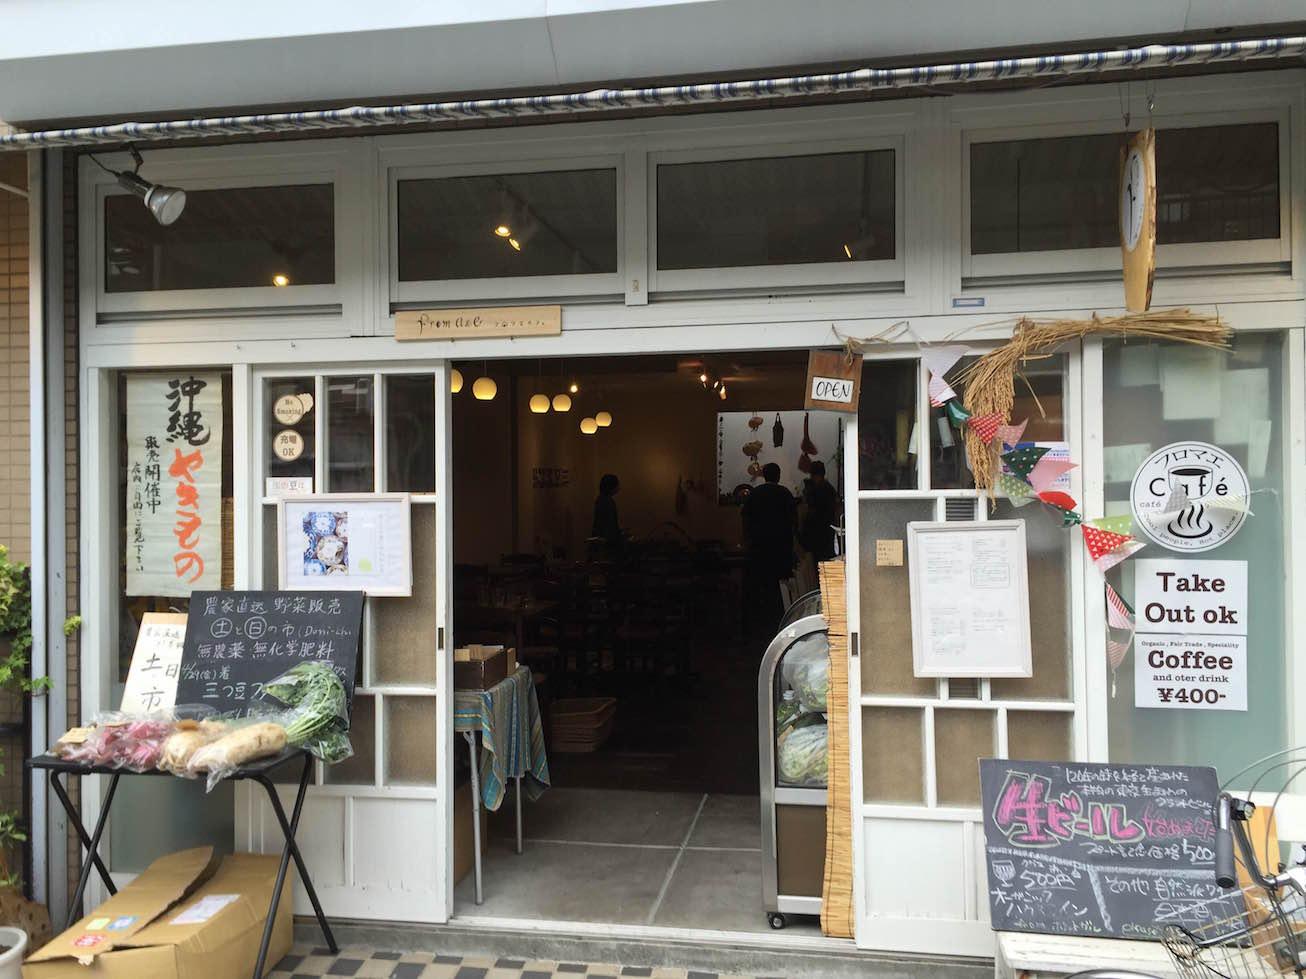 銭湯の前にあるカフェ「フロマエカフェ」@西日暮里